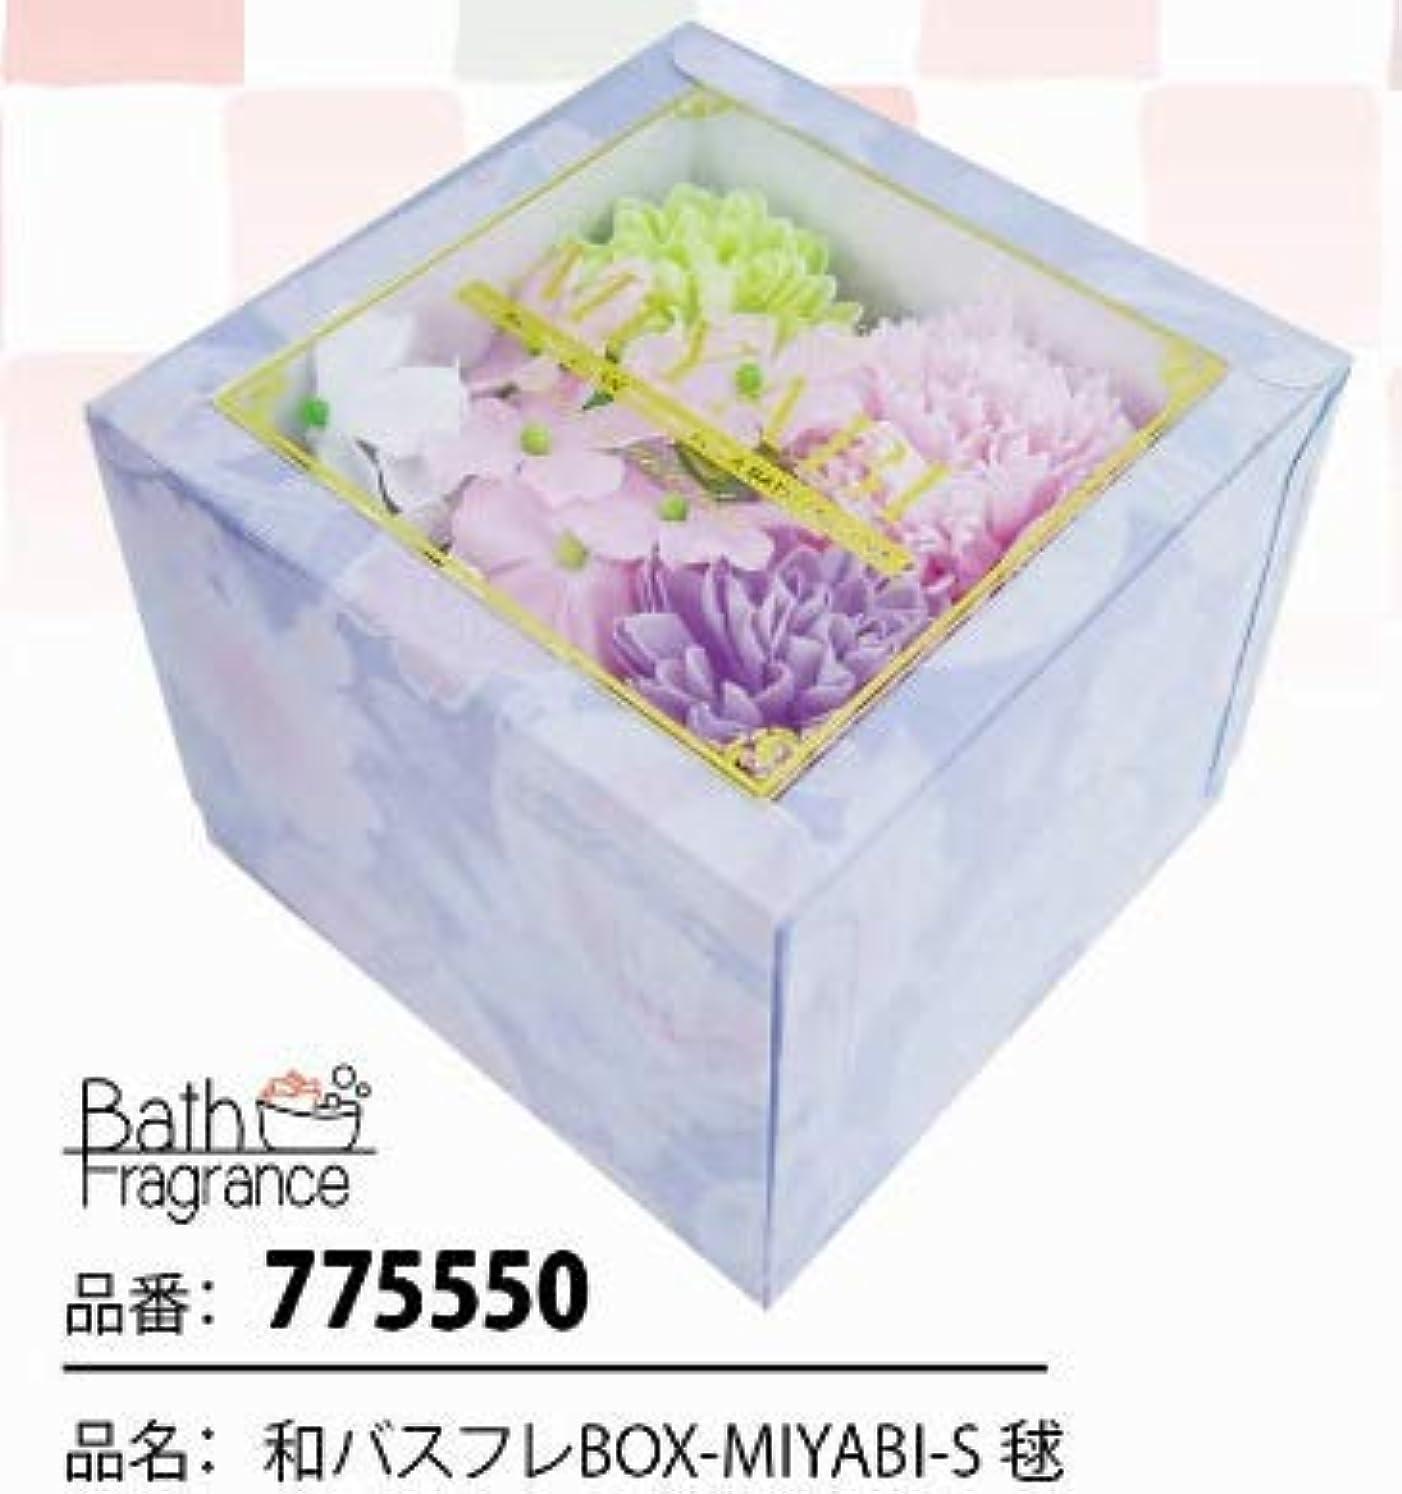 好意シチリア気づかない花のカタチの入浴剤 和バスフレBOX-MIYABI-S毬 775550